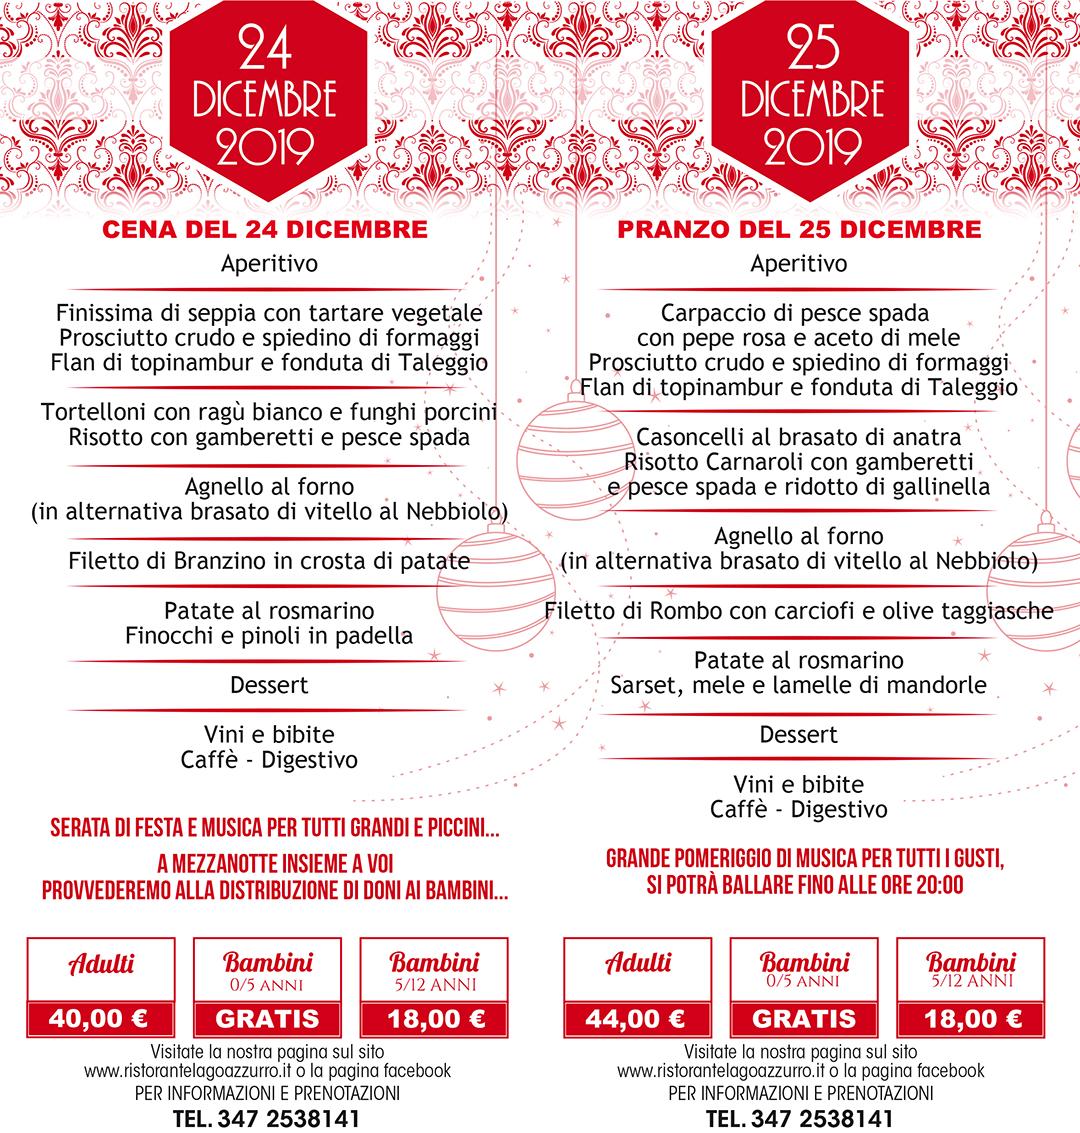 Natale_24-dicembre_Ristorante-Lago-Azzurro